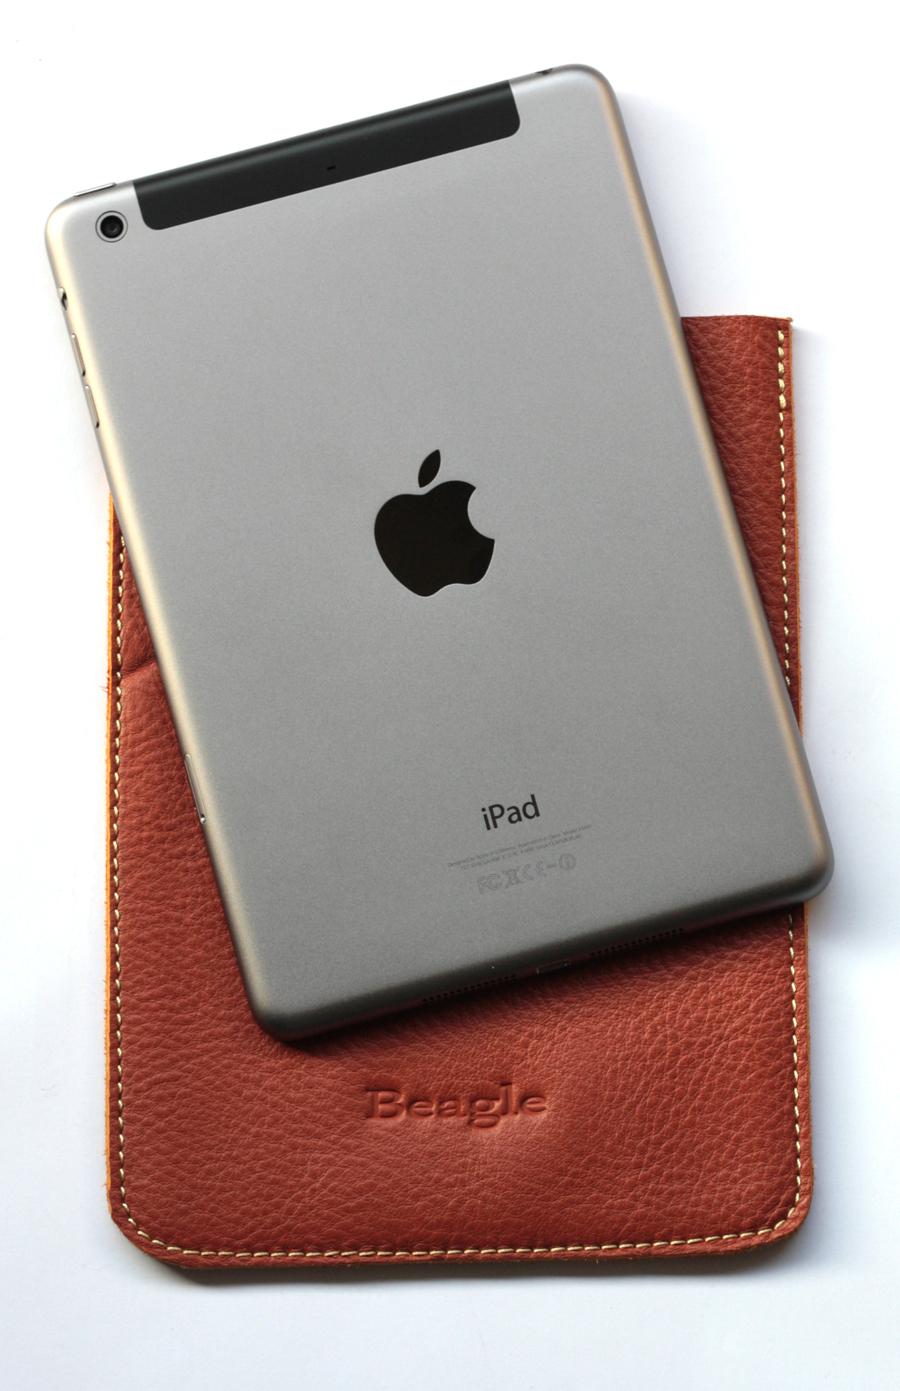 ซองหนังแท้ Beagle for iPad Mini หนังนิ่ม น่าใช้